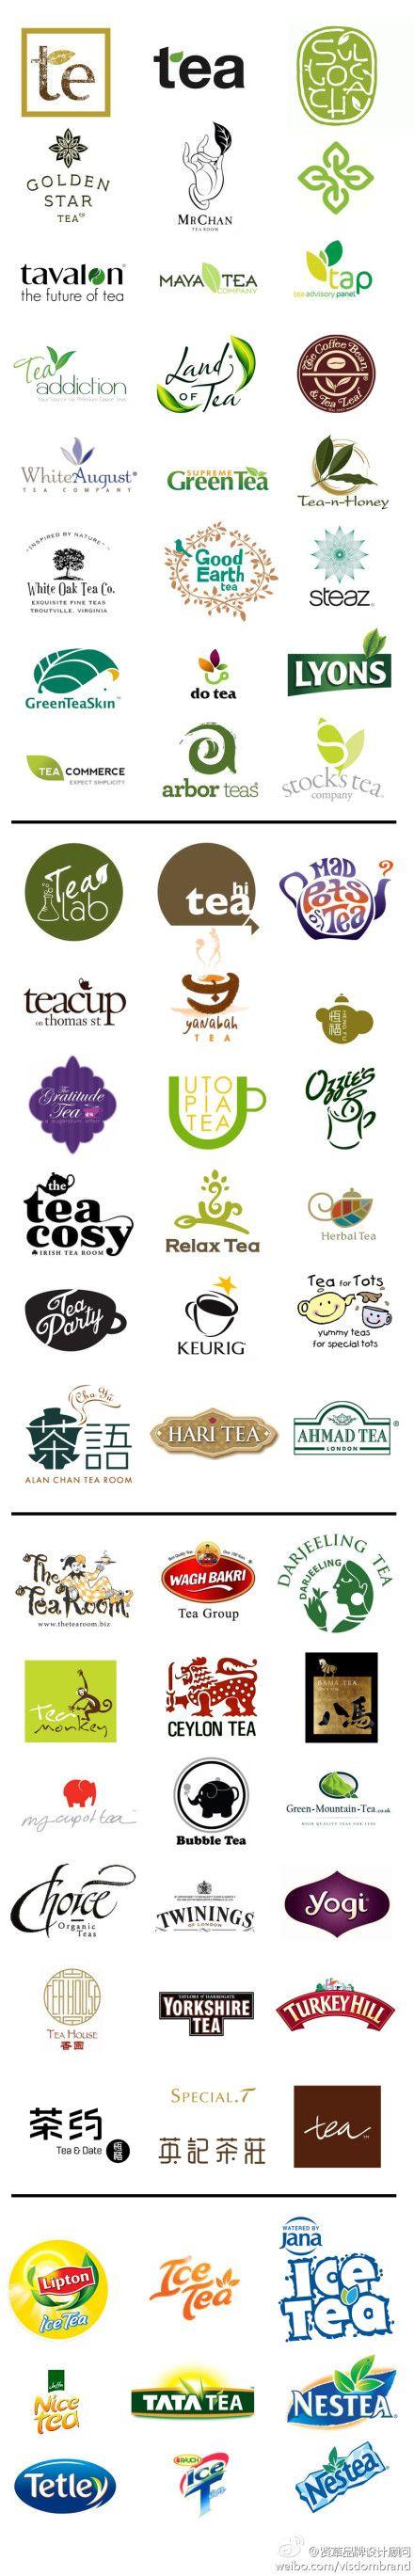 logos of TEA